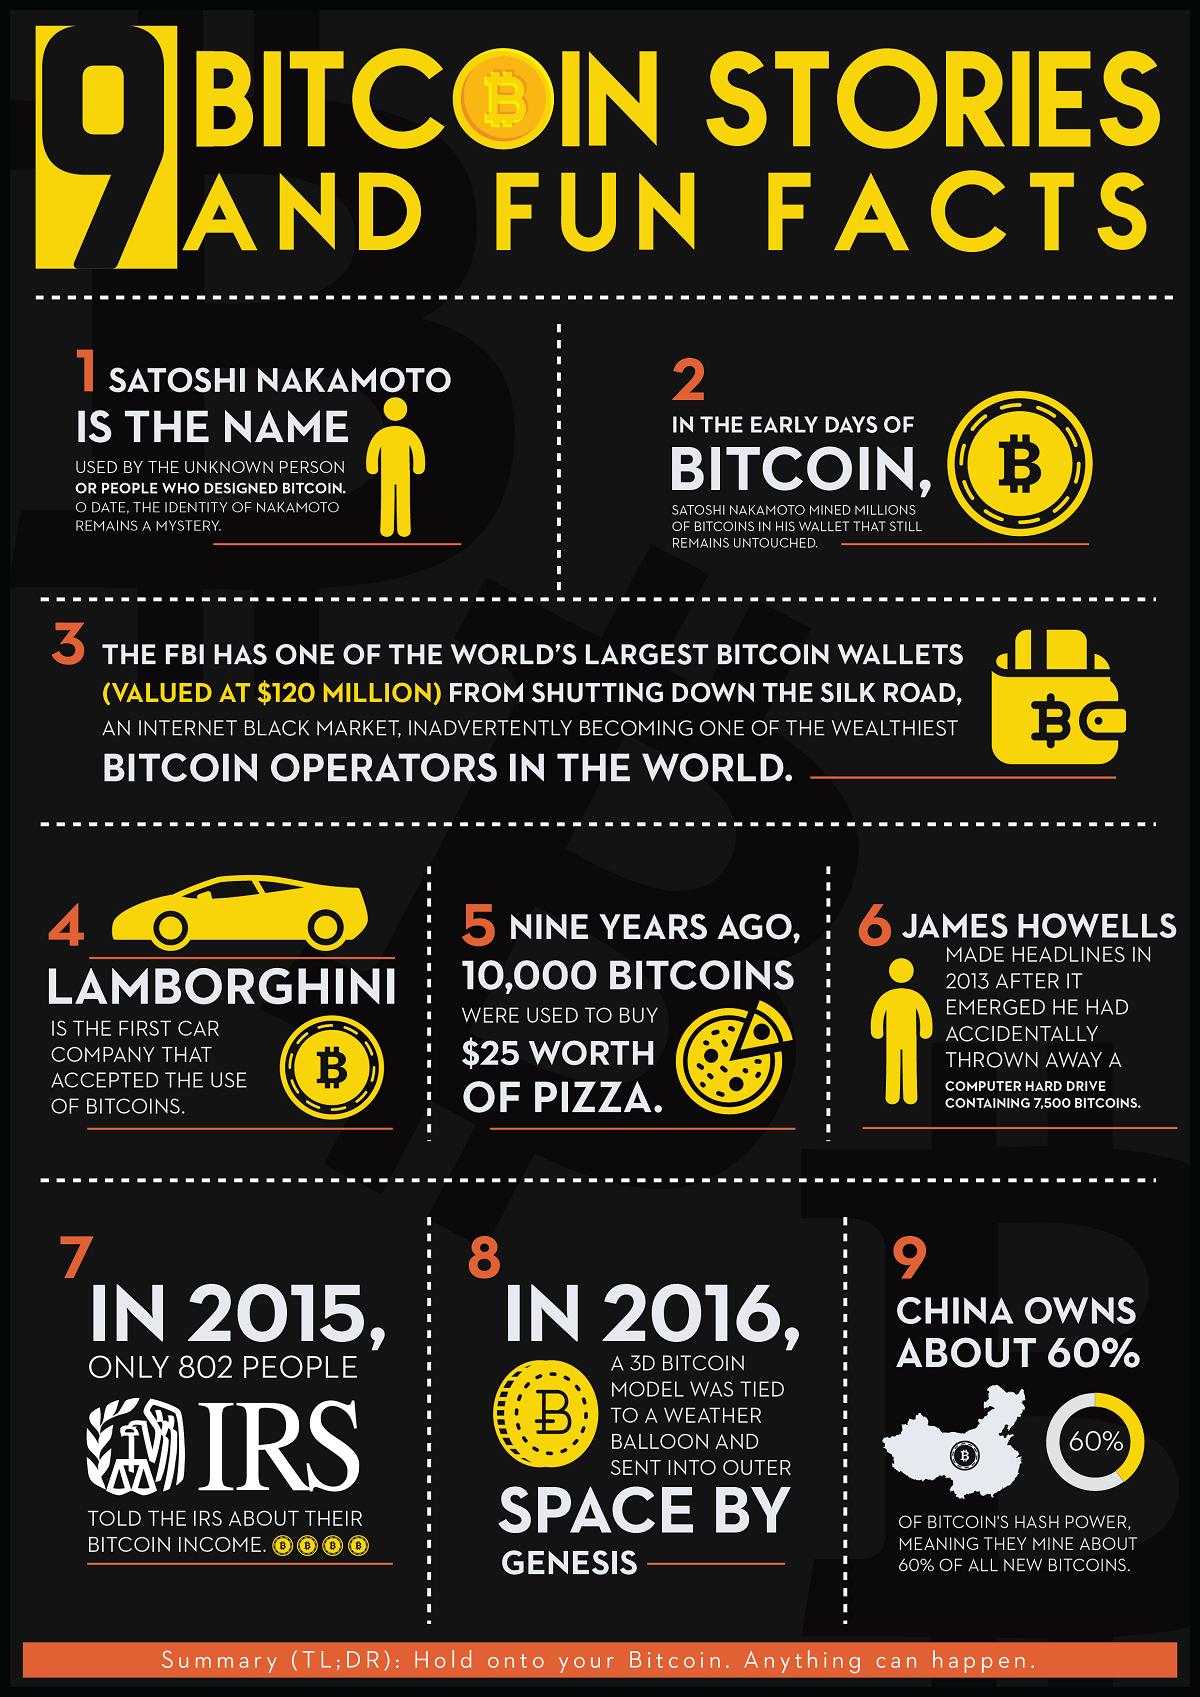 hol tölthetek bitcoint lehet vásárolni bitcoin a tőzsdén